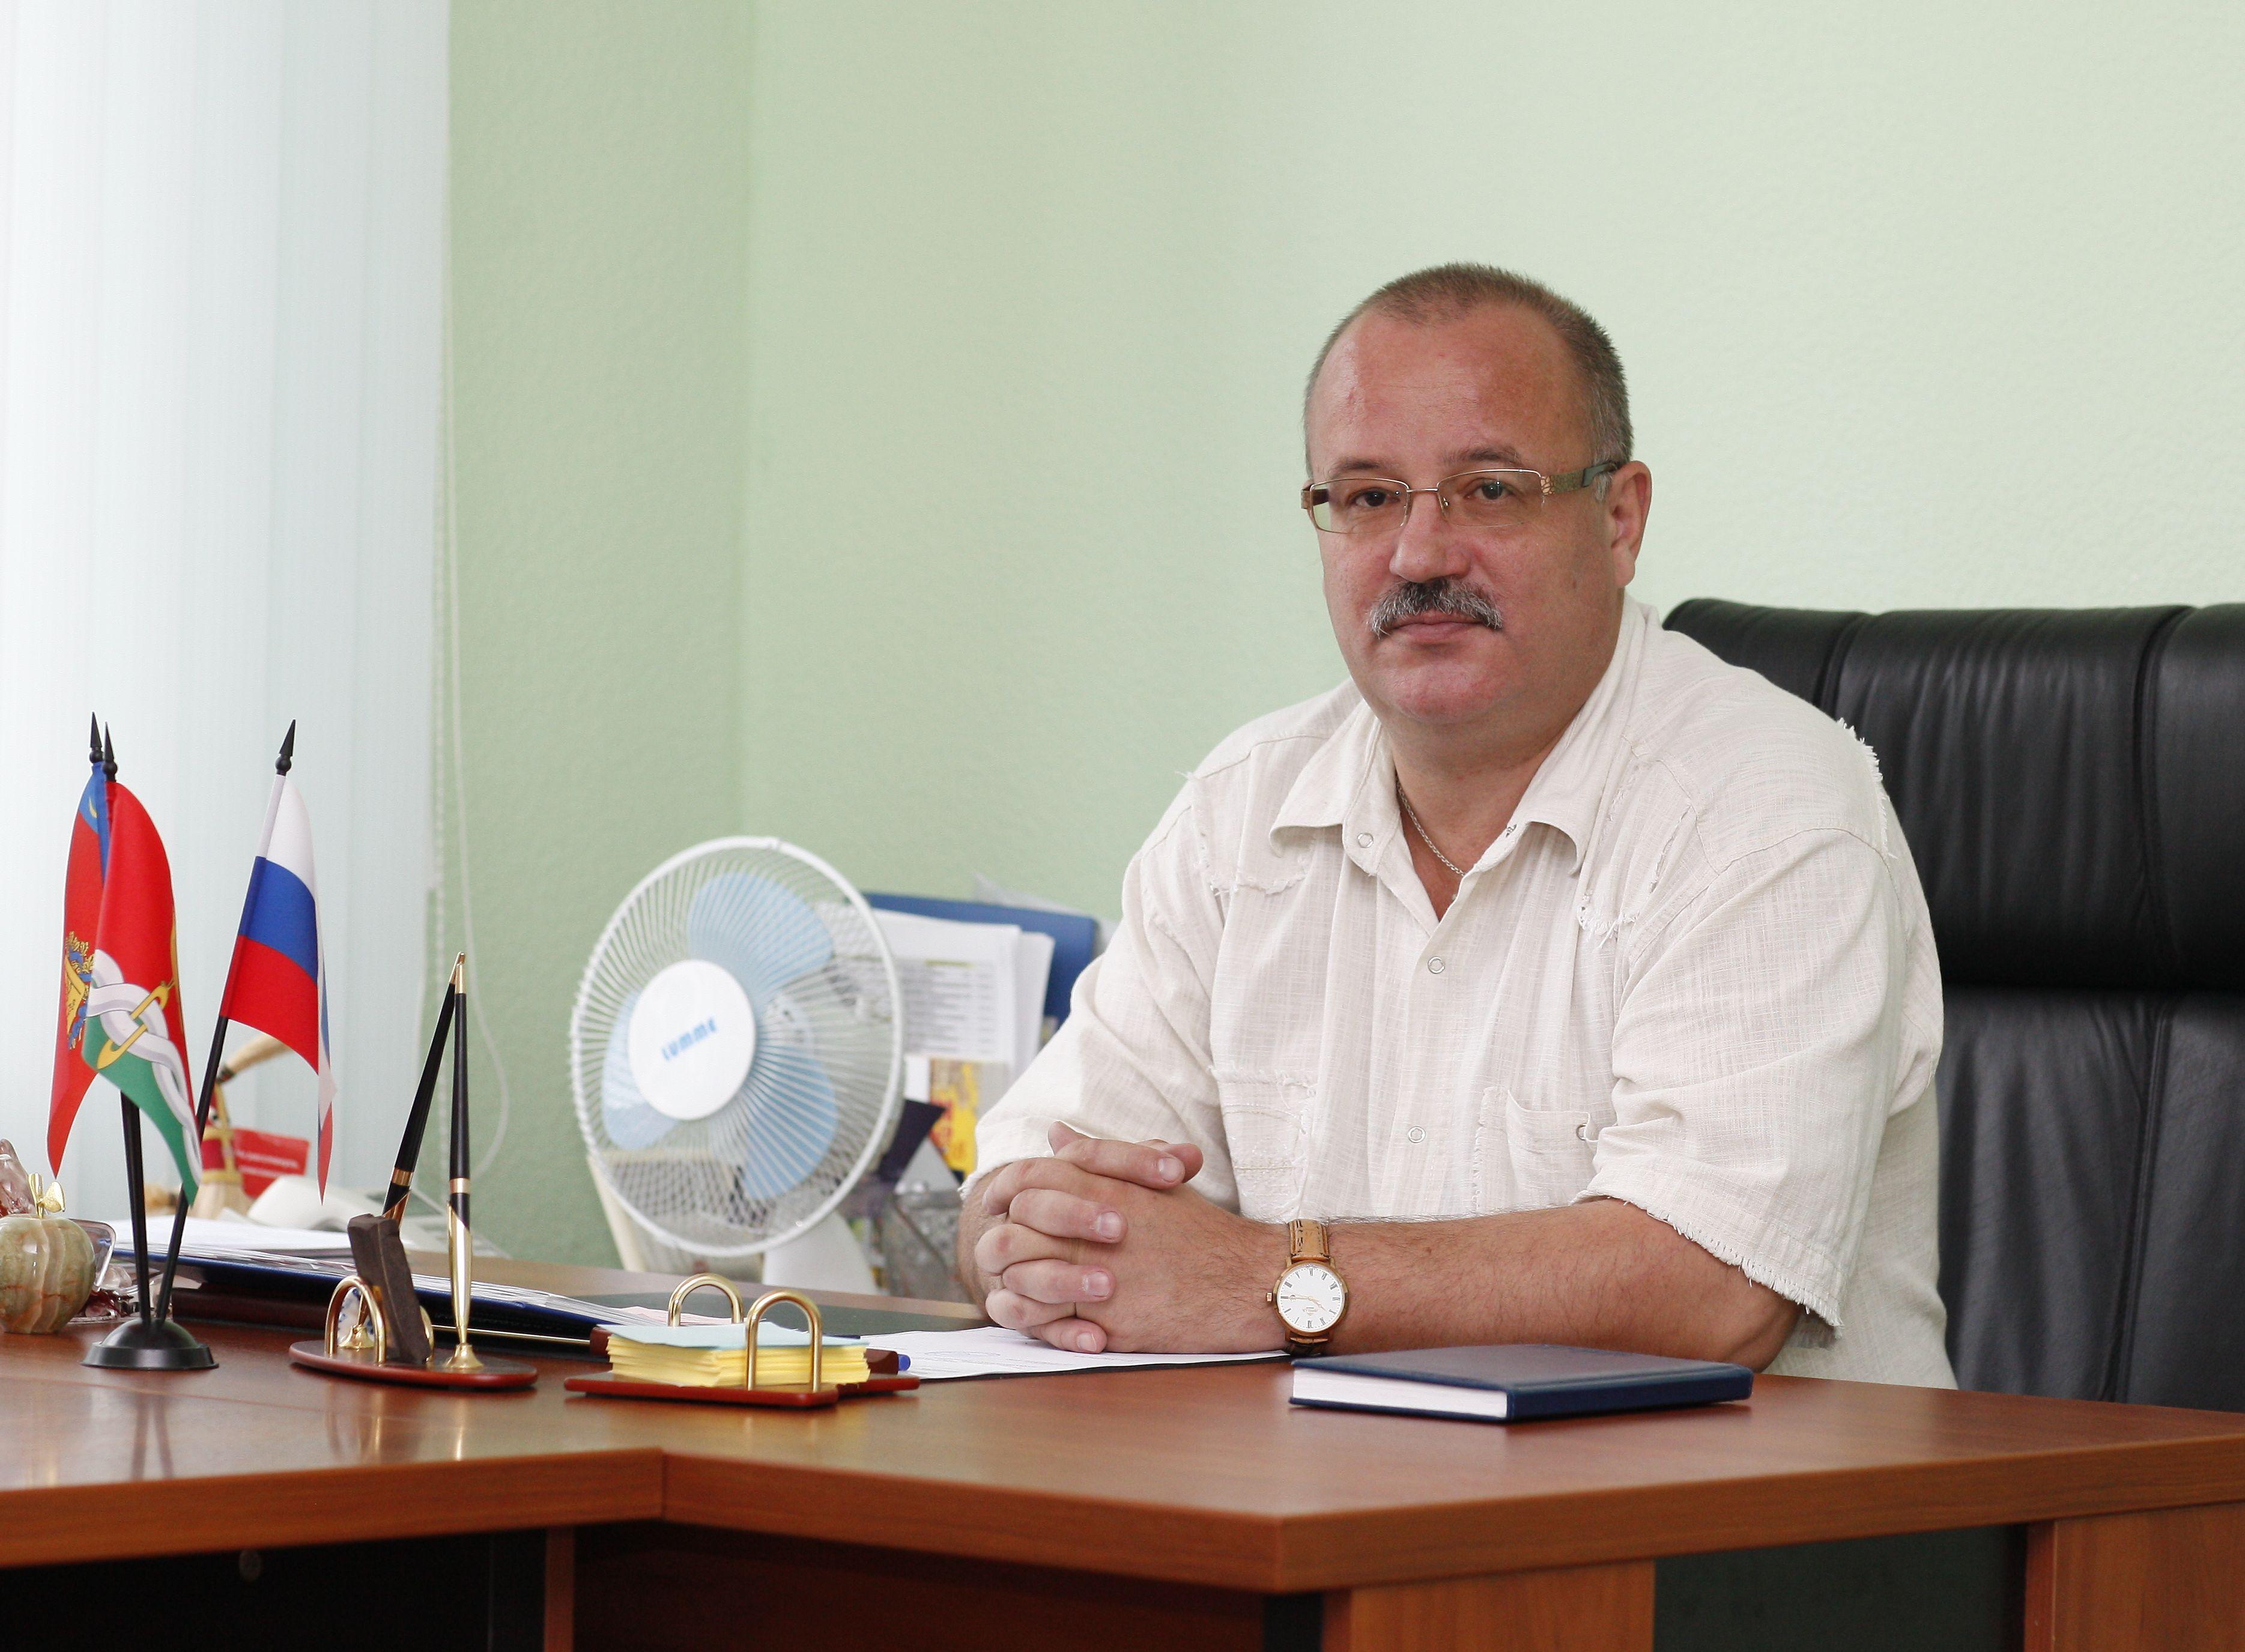 Первый заместитель главы района по социальным вопросам, управлению и  работе с населением